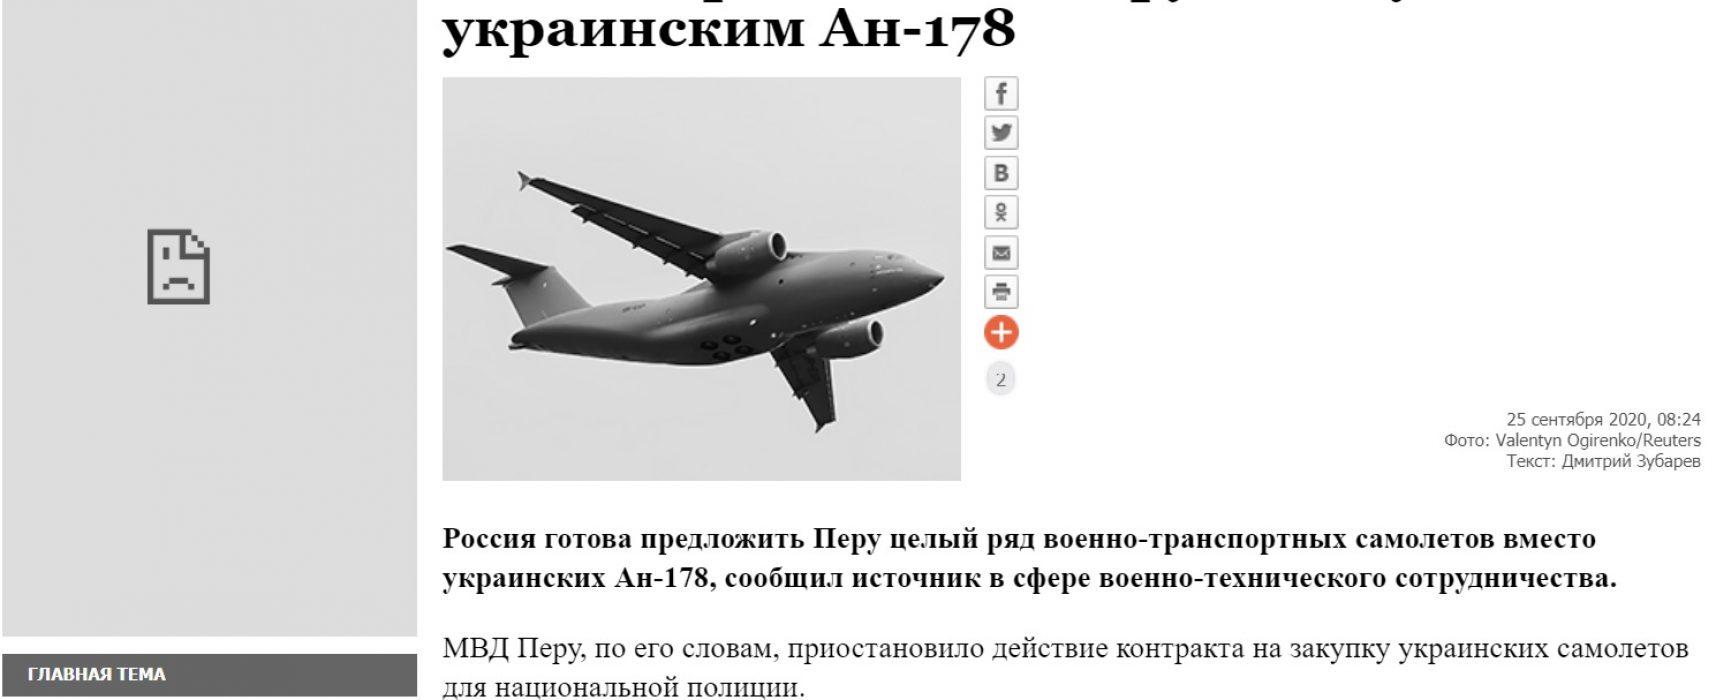 Falso: Perú suspendió el contrato para la compra de aviones ucranianos AN-178